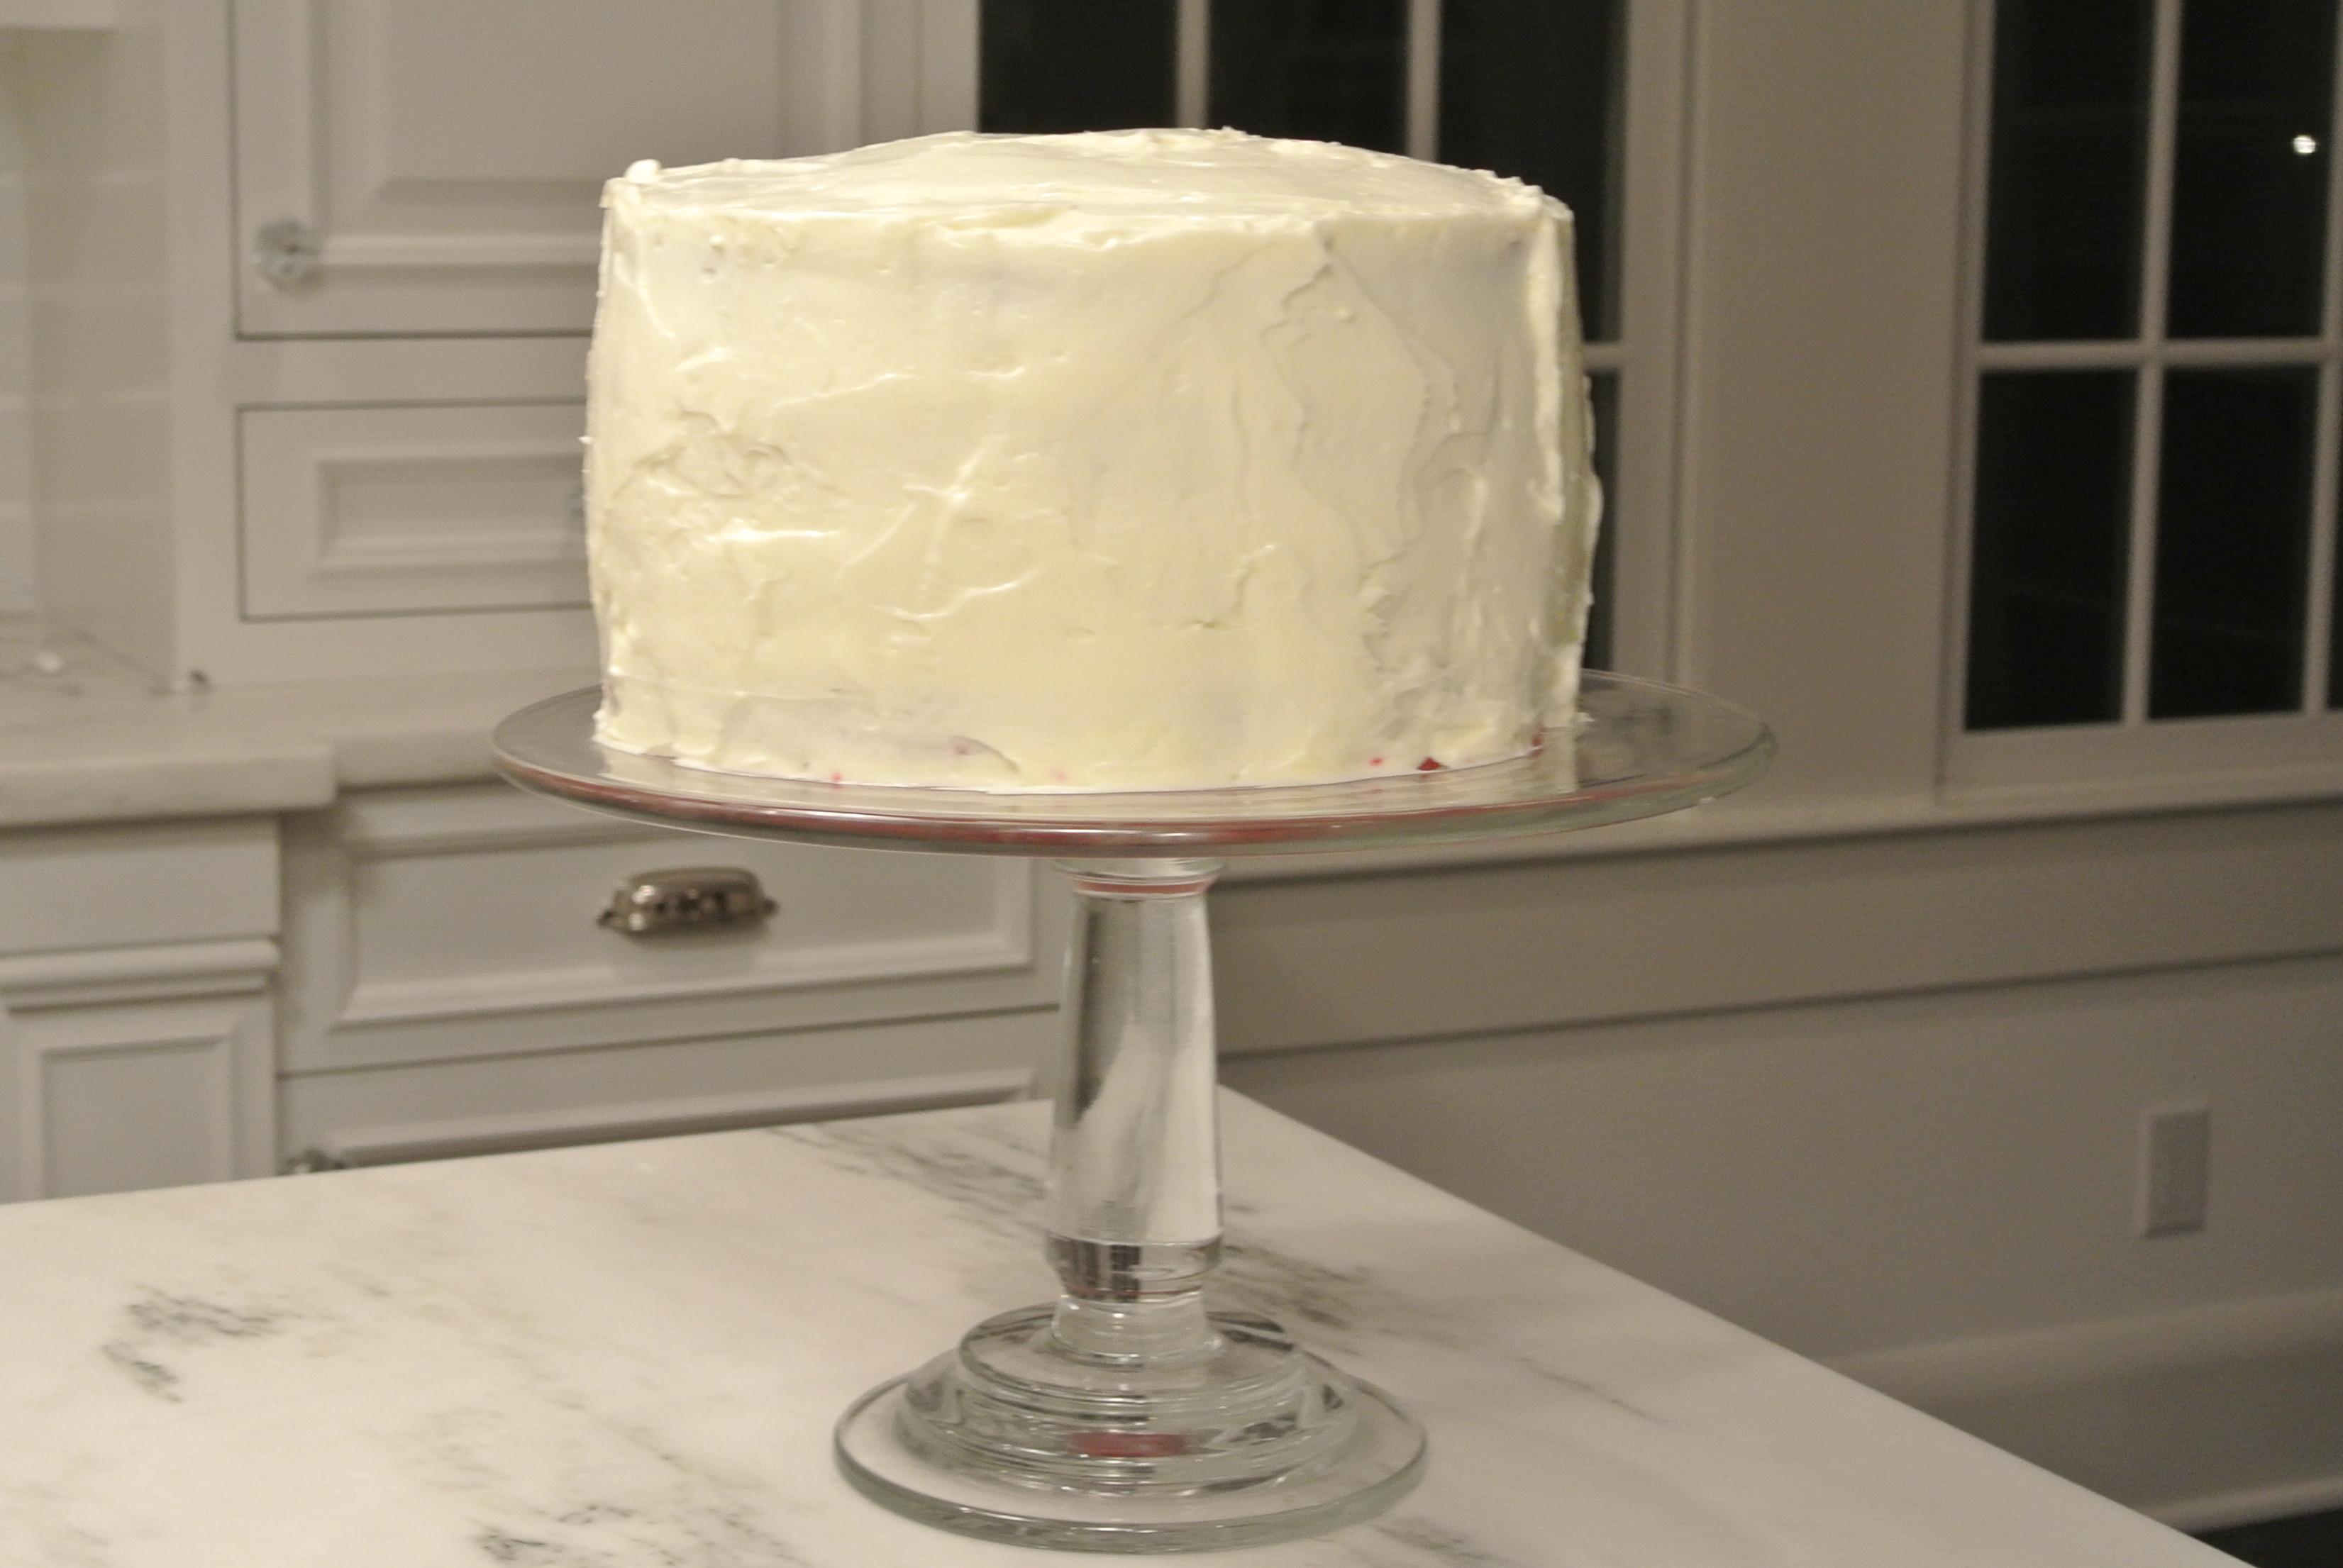 red velvet cake, cream cheese frosting, cake